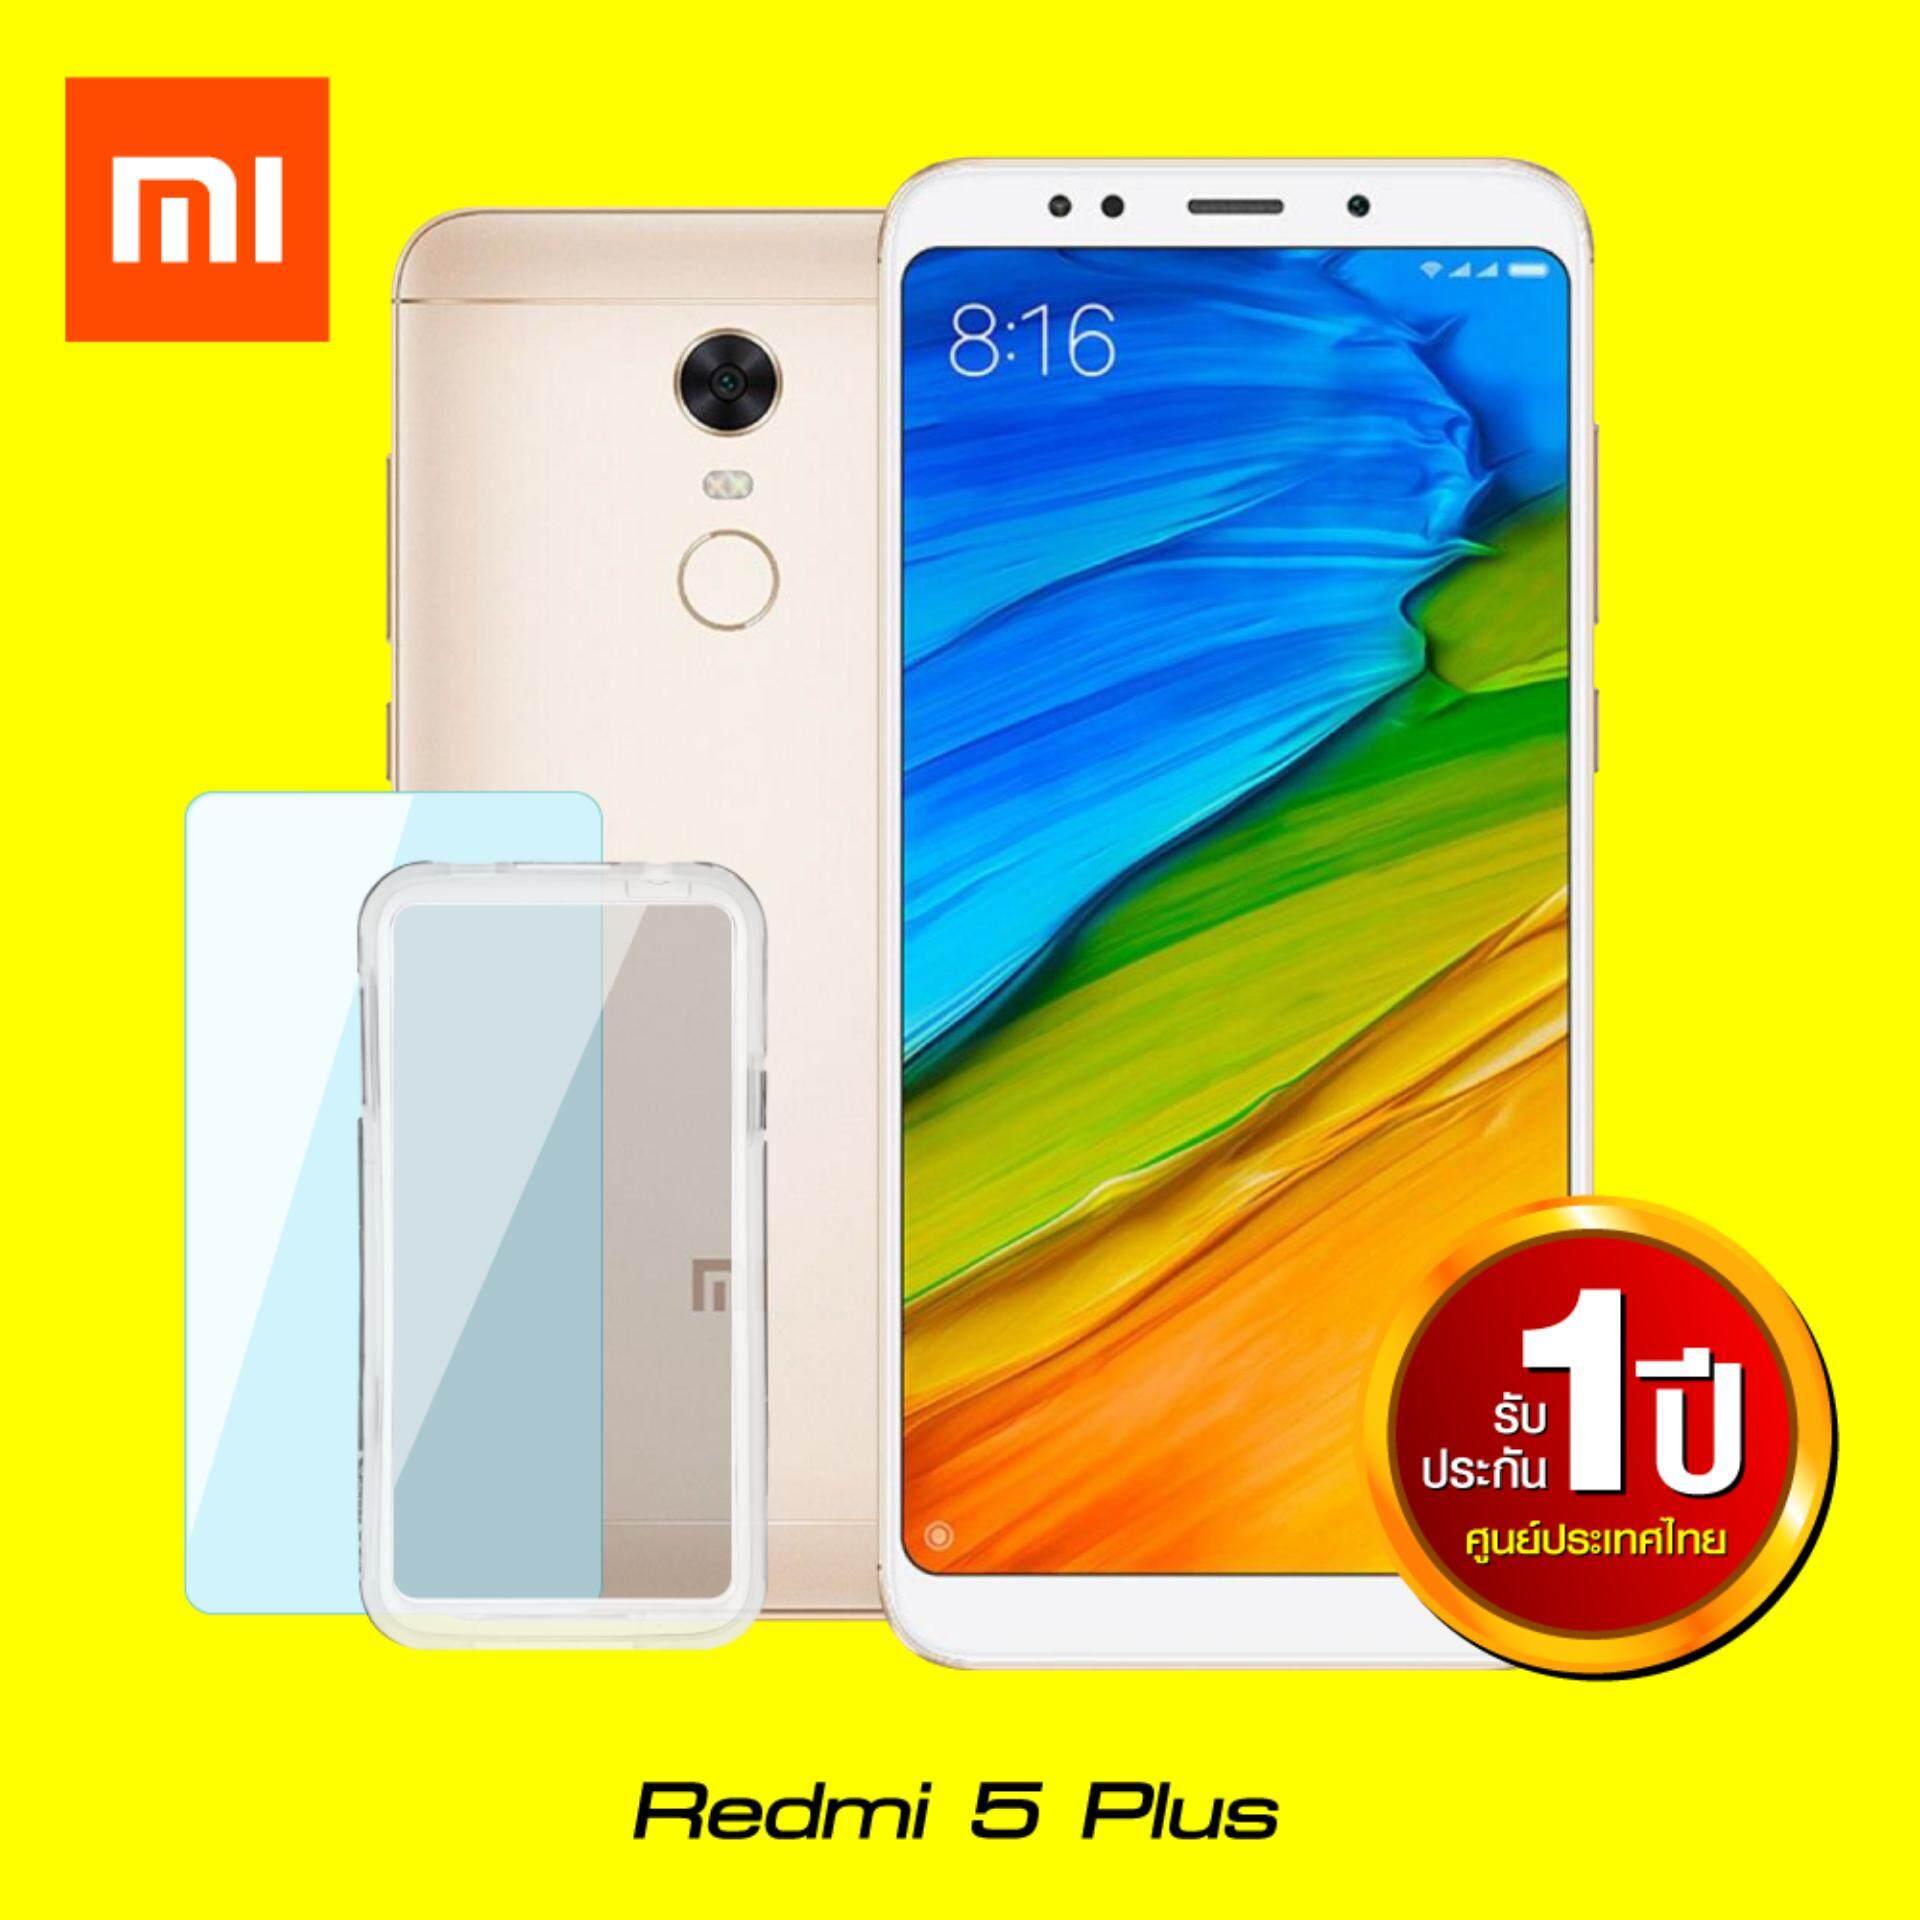 ราคา Xiaomi Redmi 5 Plus 3 32Gb พร้อมเคสกันกระแทก ฟิล์มกันรอย มูลค่า 390 หน้าจอ 5 99 นิ้ว รองรับ 2 ซิม รับประกันศูนย์ไทย 1 ปีเต็ม